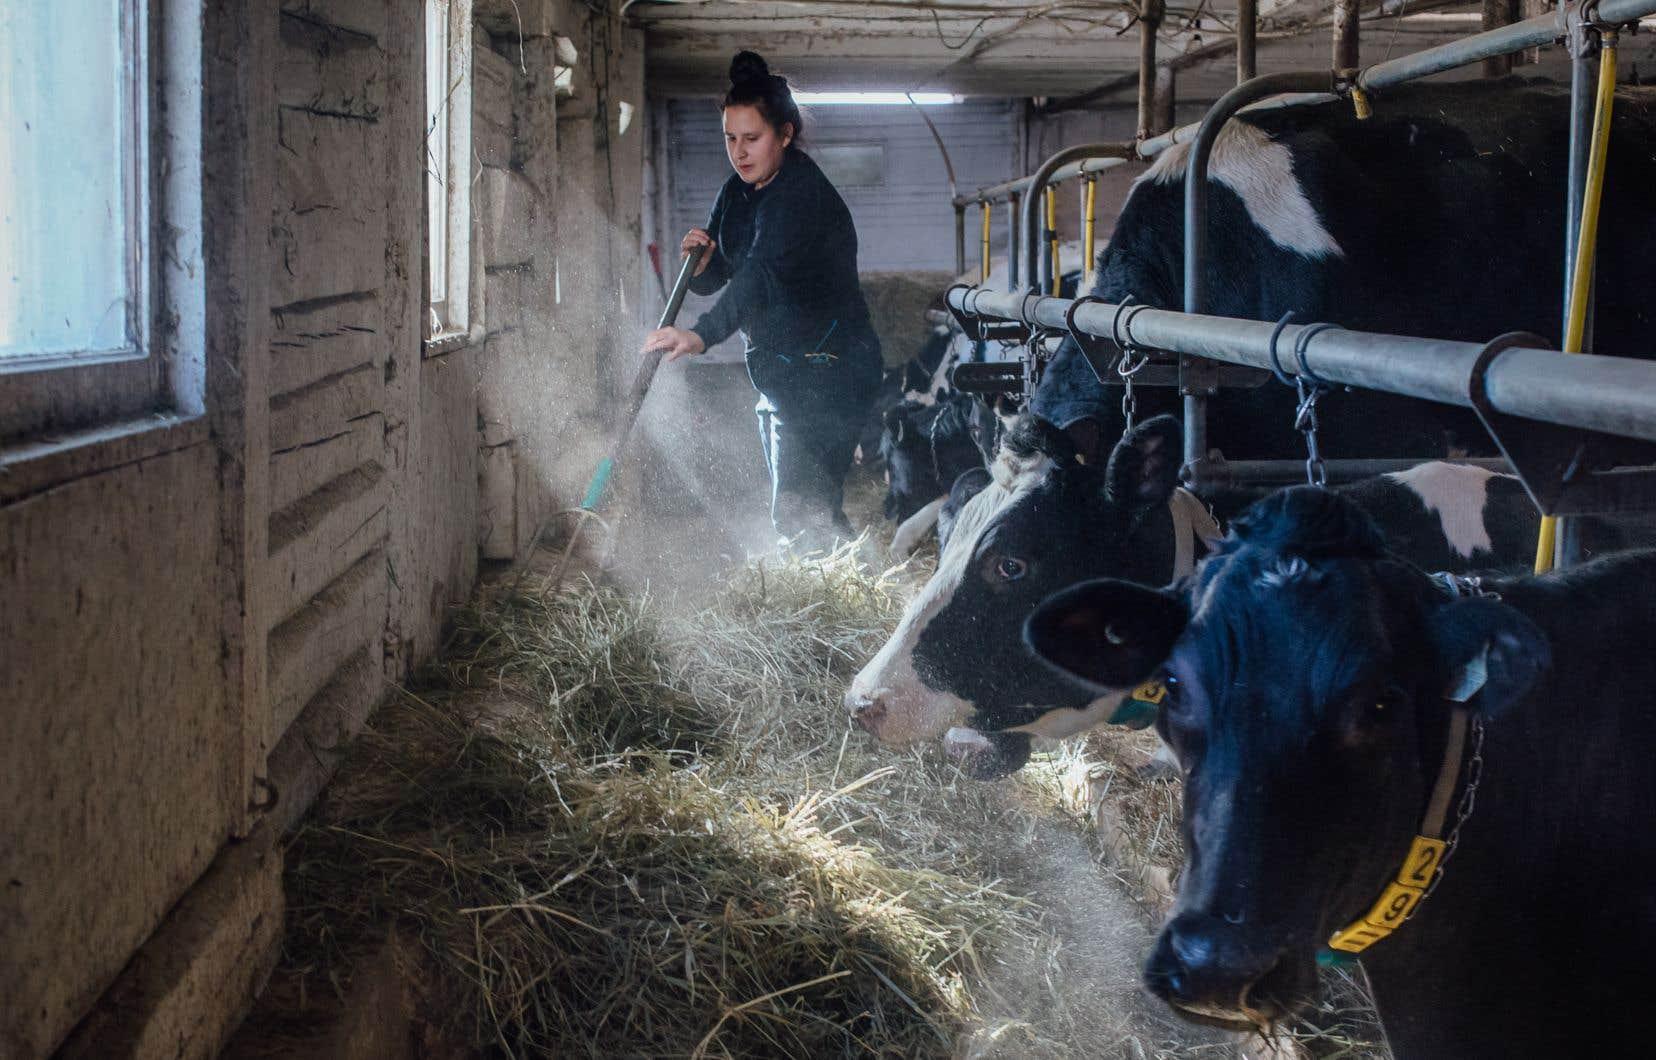 La productivité des fermes laitières québécoises a beaucoup augmenté ces dernières années: chaque vache produit beaucoup plus de lait qu'auparavant, avec une moyenne de 9300 litres par année, selonle ministère de l'Agriculture, des Pêcheries et de l'Alimentation (MAPAQ).